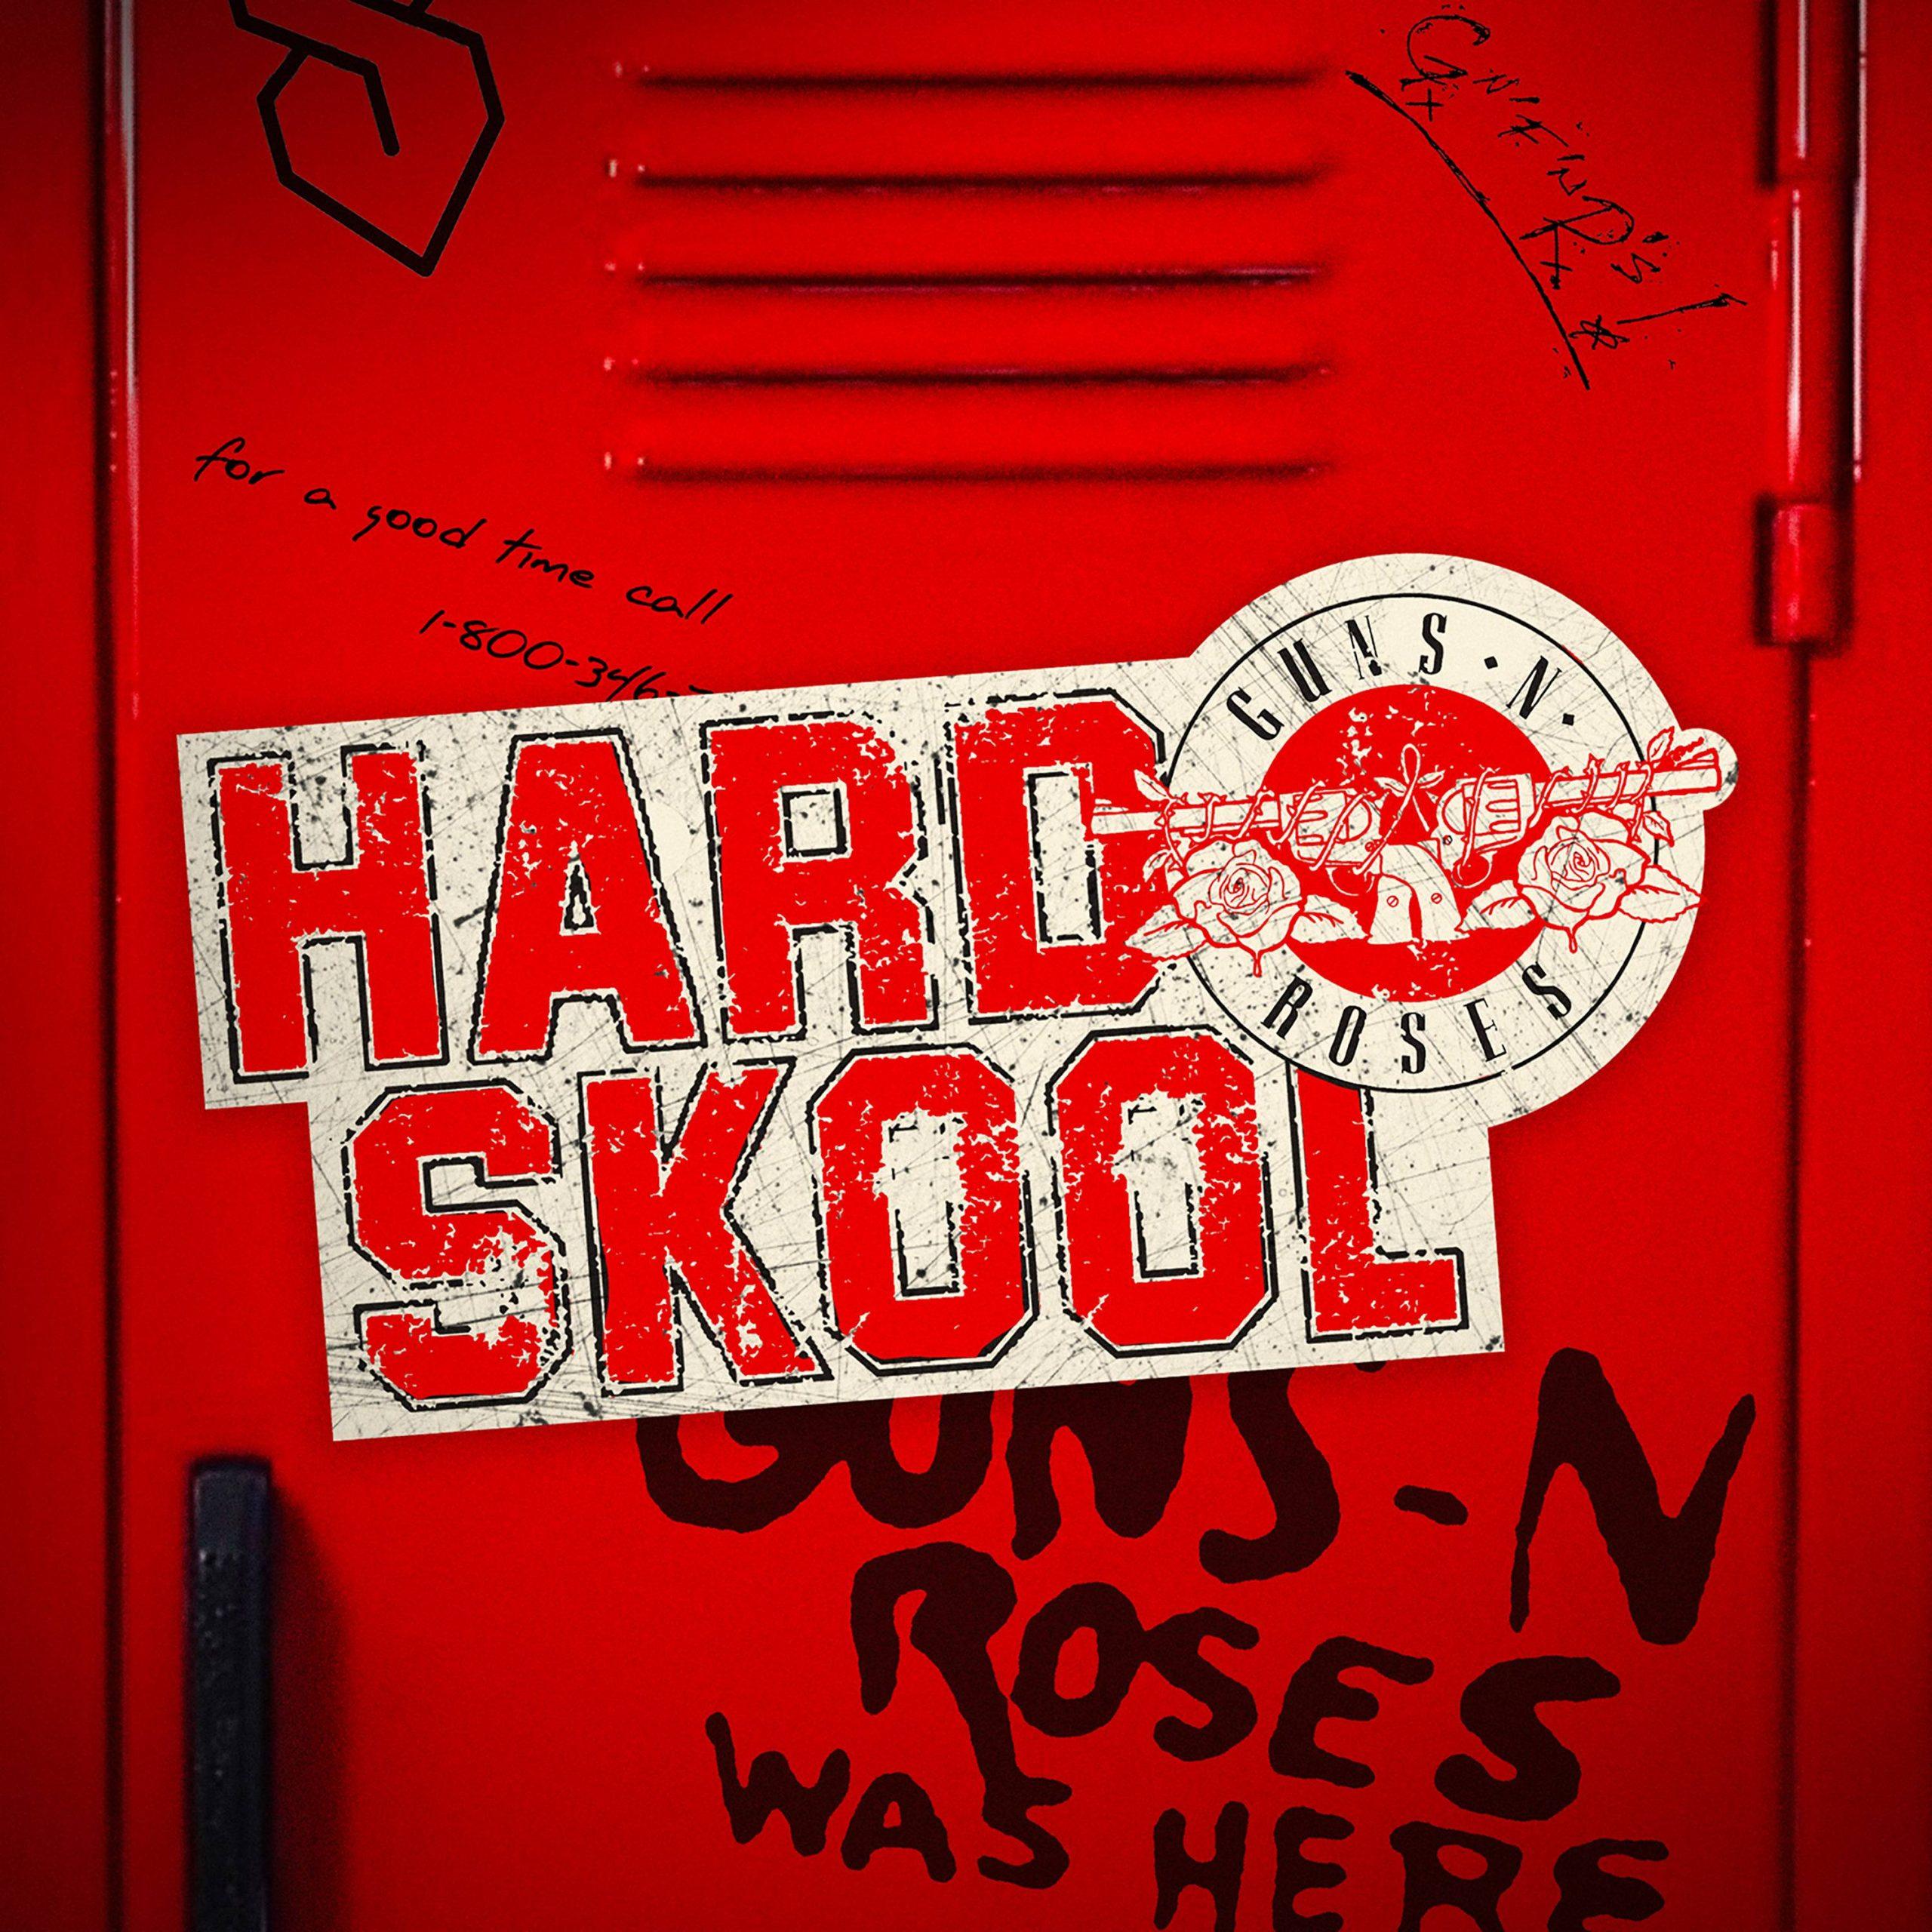 guns n roses hard skool song 2021 release cover art